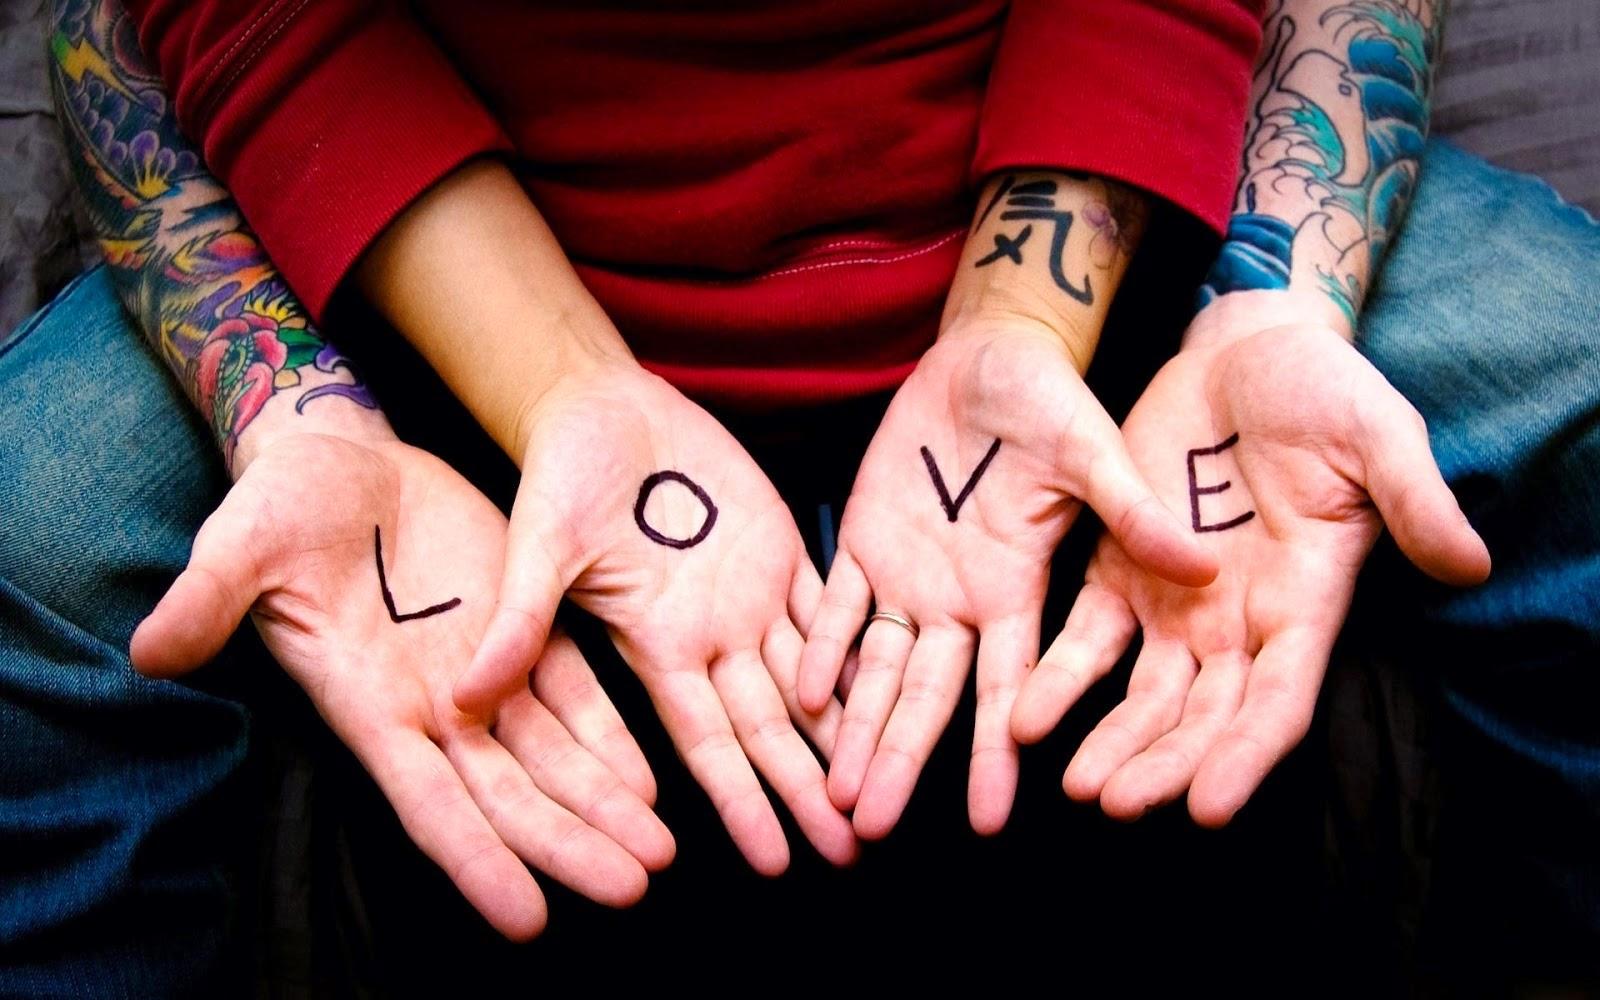 بالصور صور الحب والغرام , صور اشواق جميله 9578 8